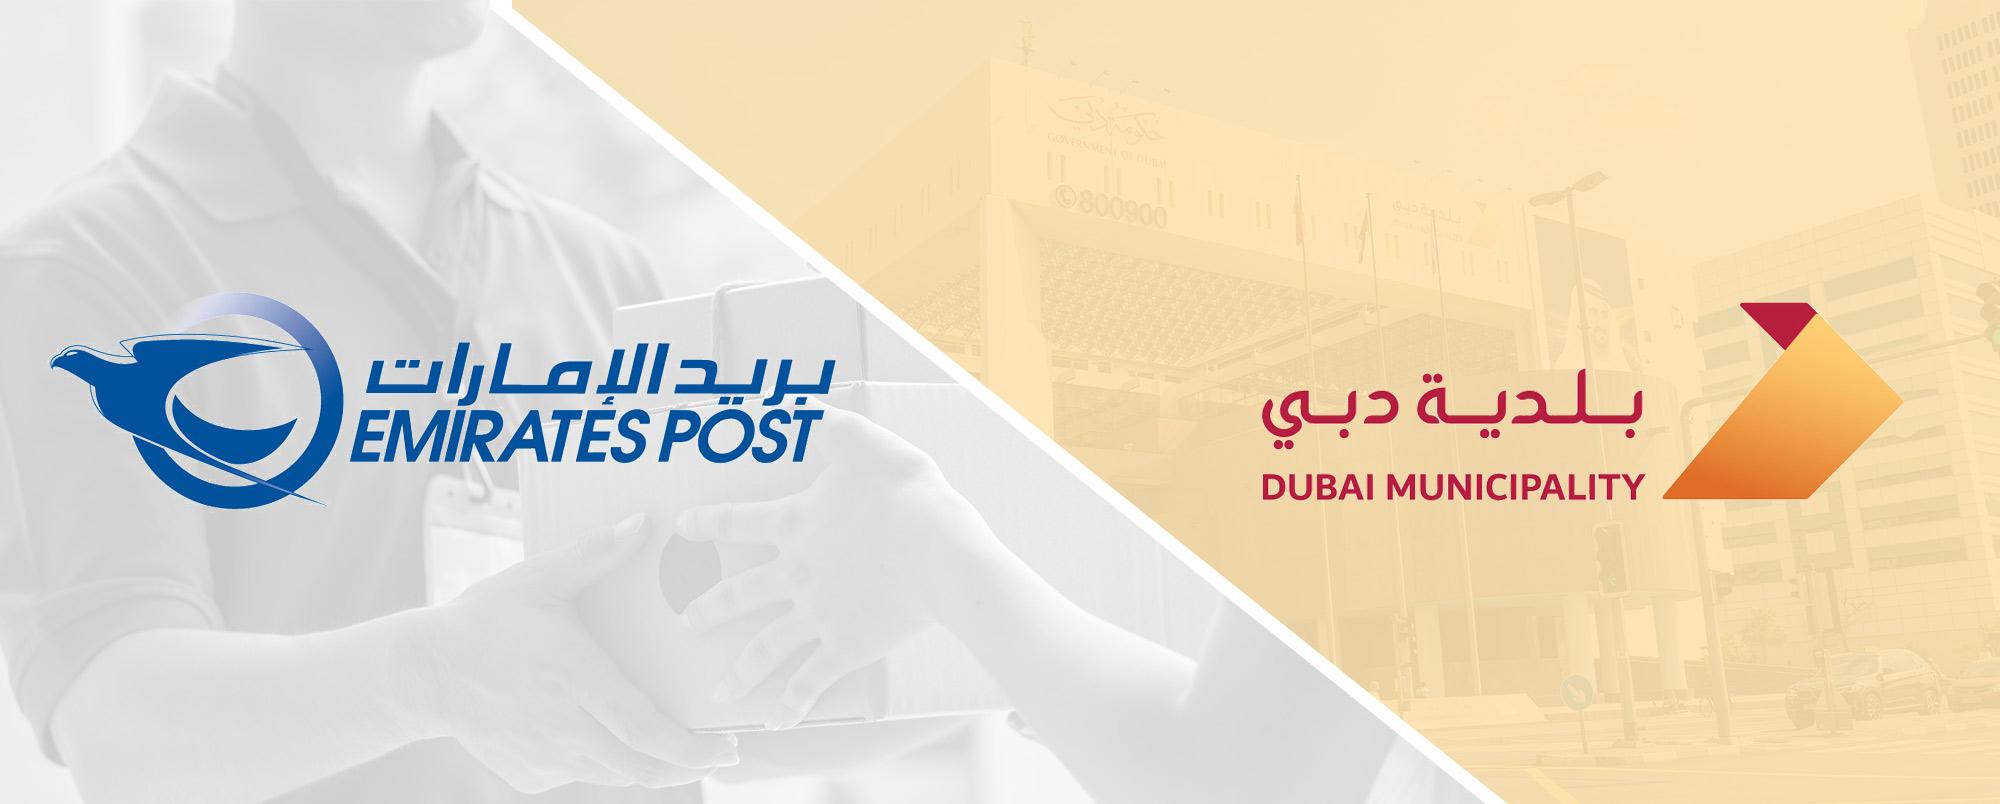 مذكرة تفاهم مع مجموعة بريد الإمارات فبراير 2020